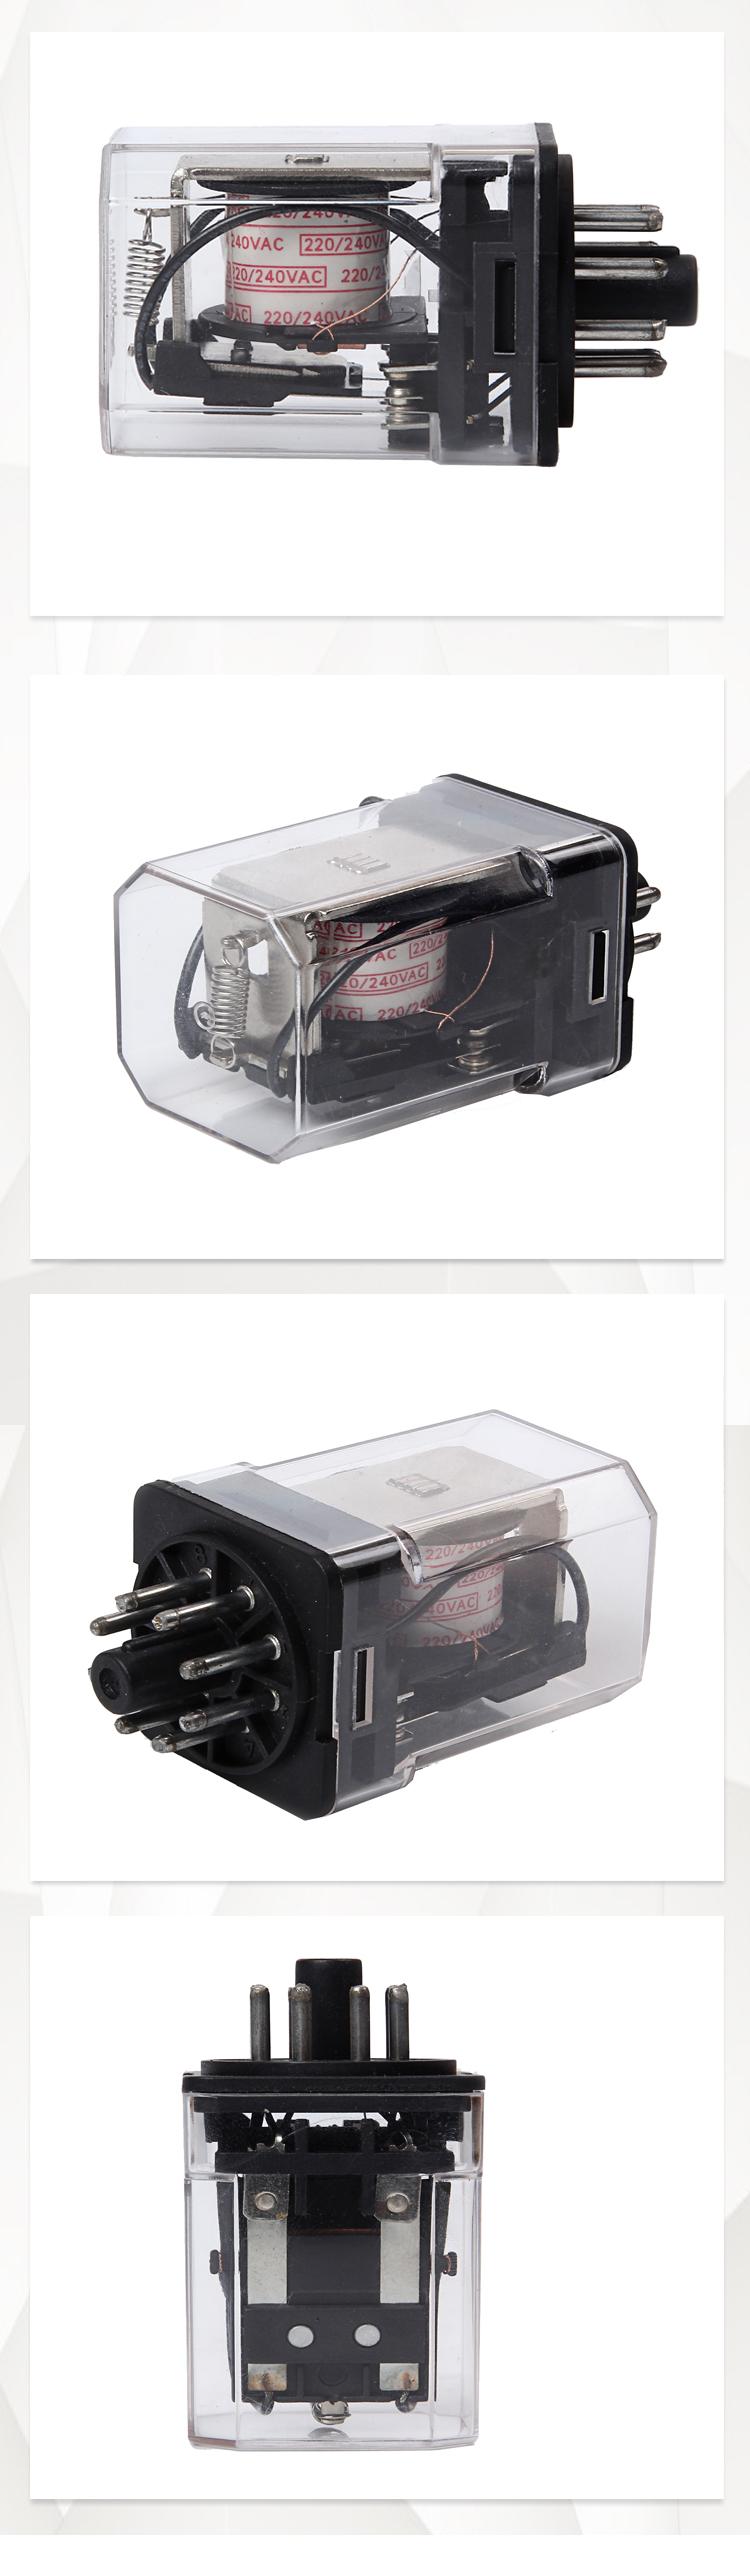 Cubierta transparente coche flasher relé de 24 V mini relé de relé universales